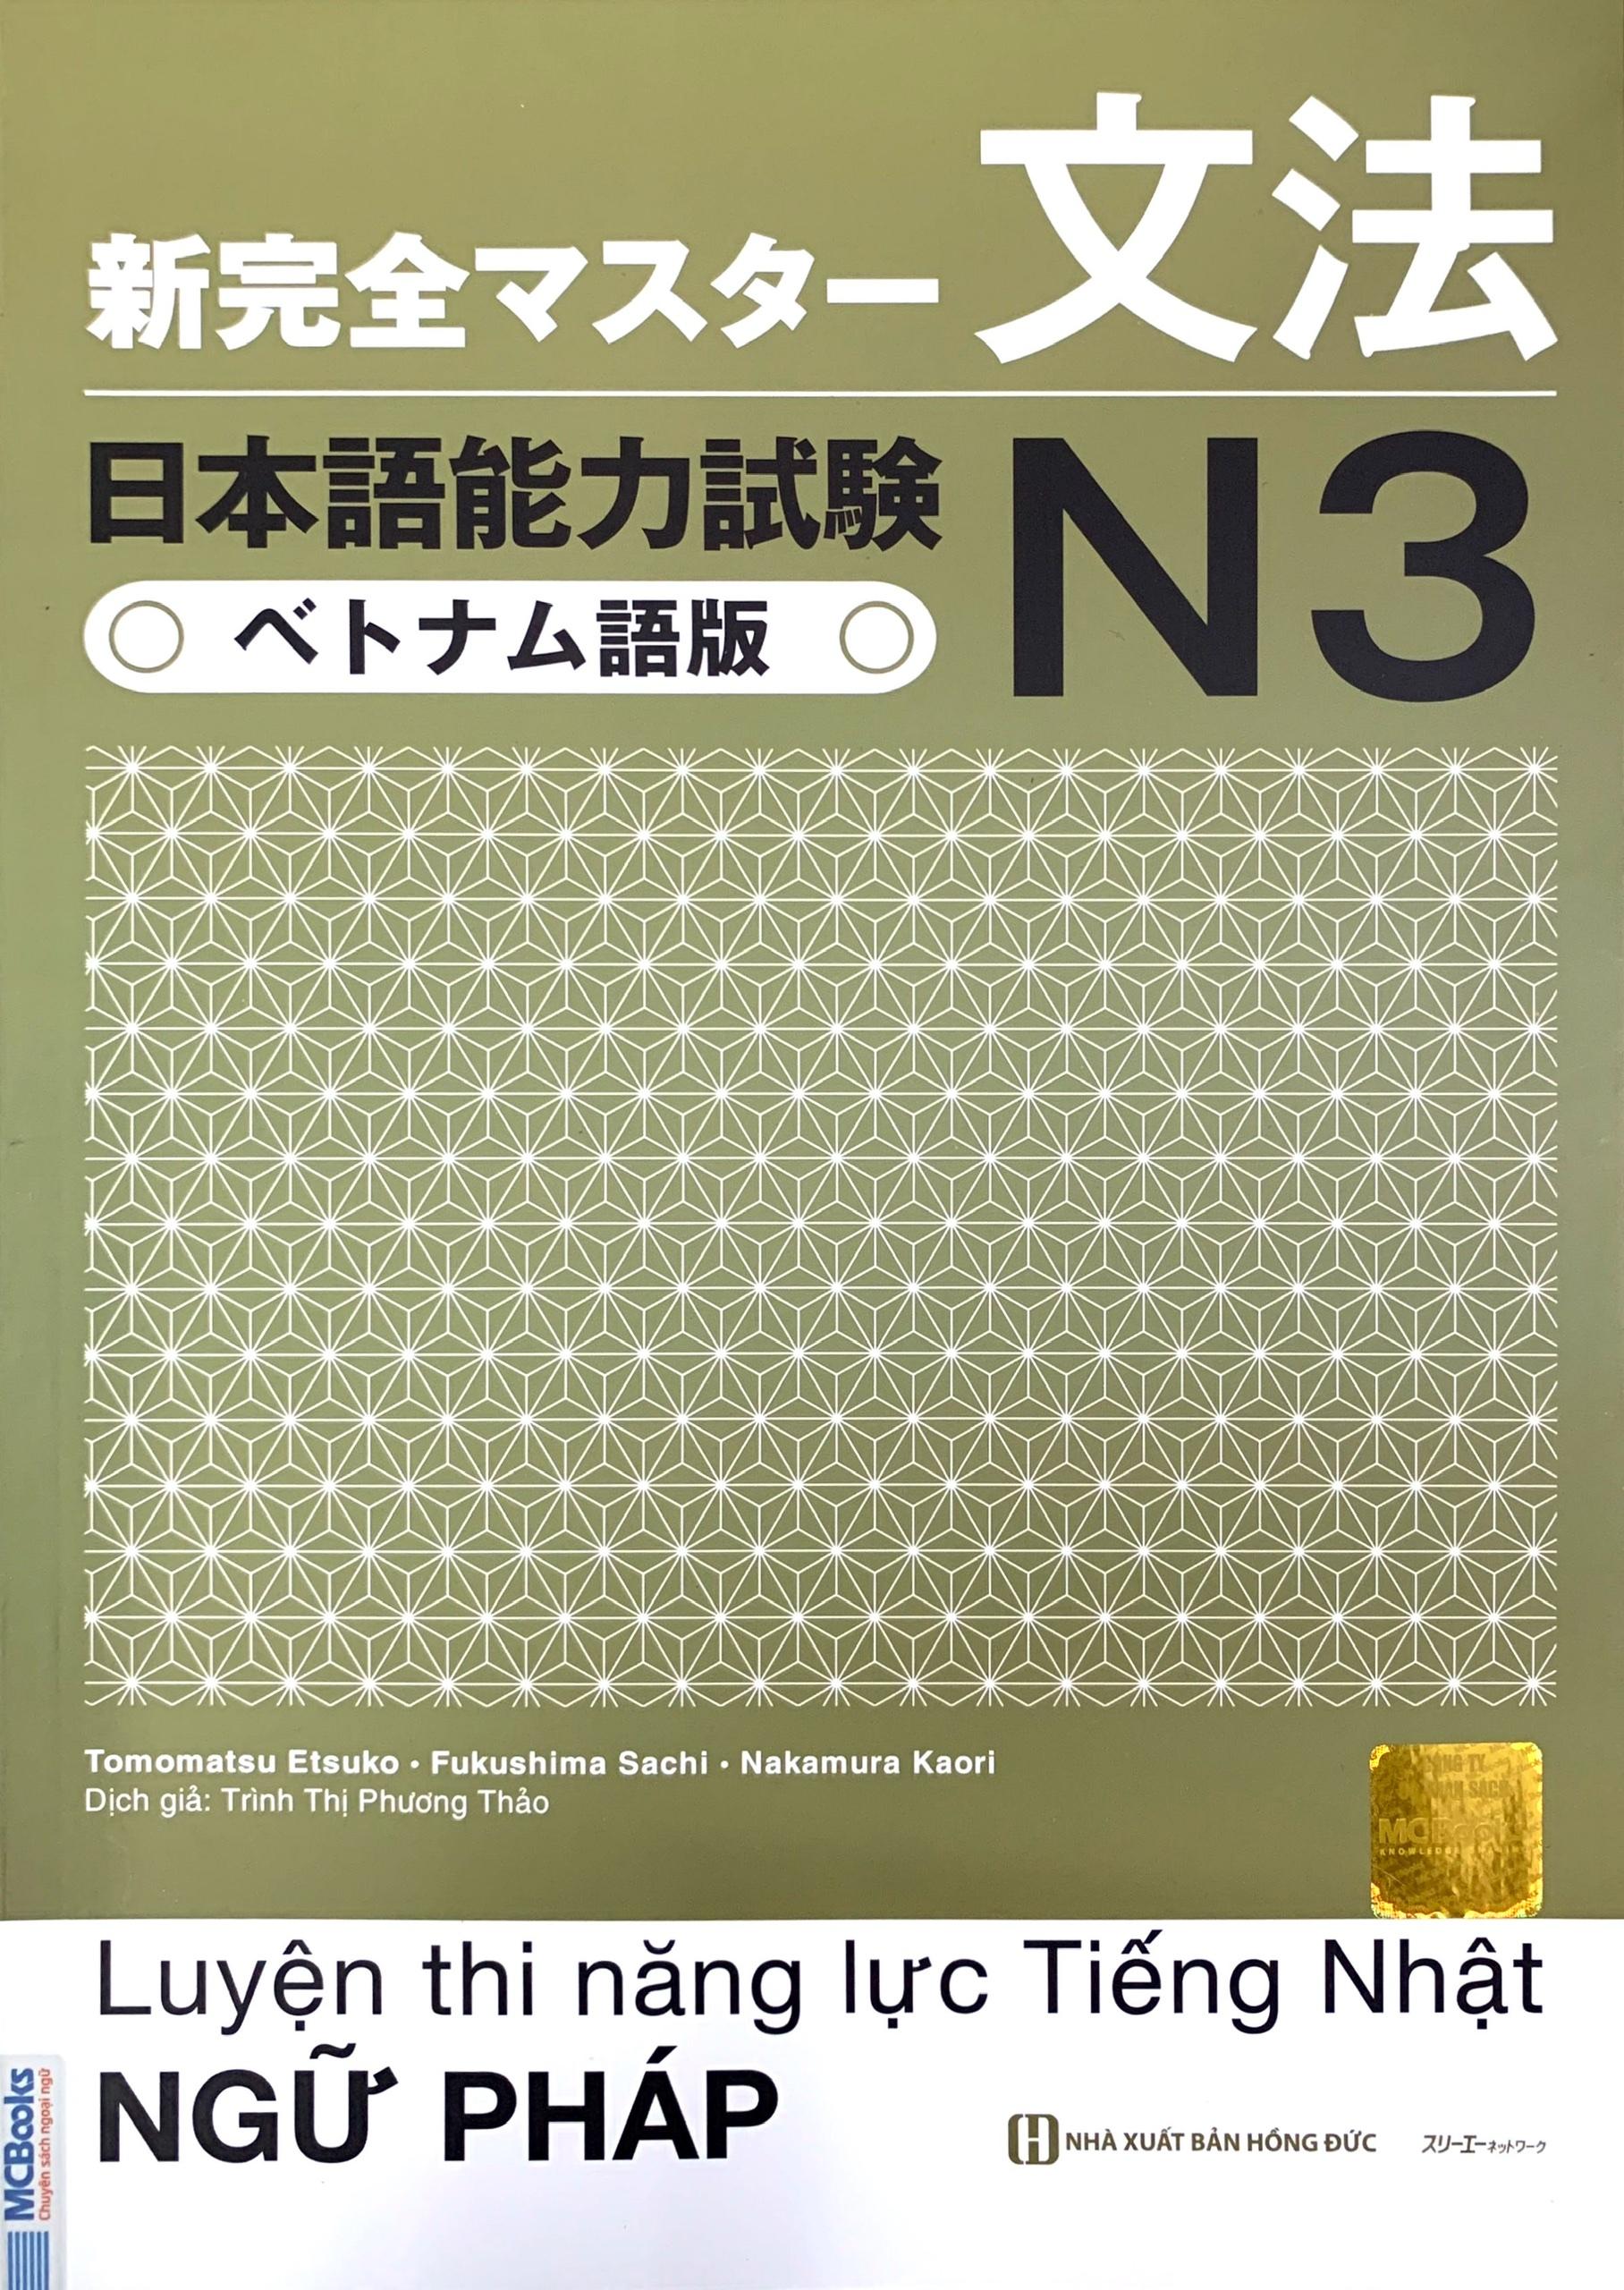 Lifestyle designSách Luyện Thi N3 Shinkanzen Masuta Bunpou (Luyện Thi Năng Lực Tiếng Nhật N3 Ngữ Pháp – Có Tiếng Việt)